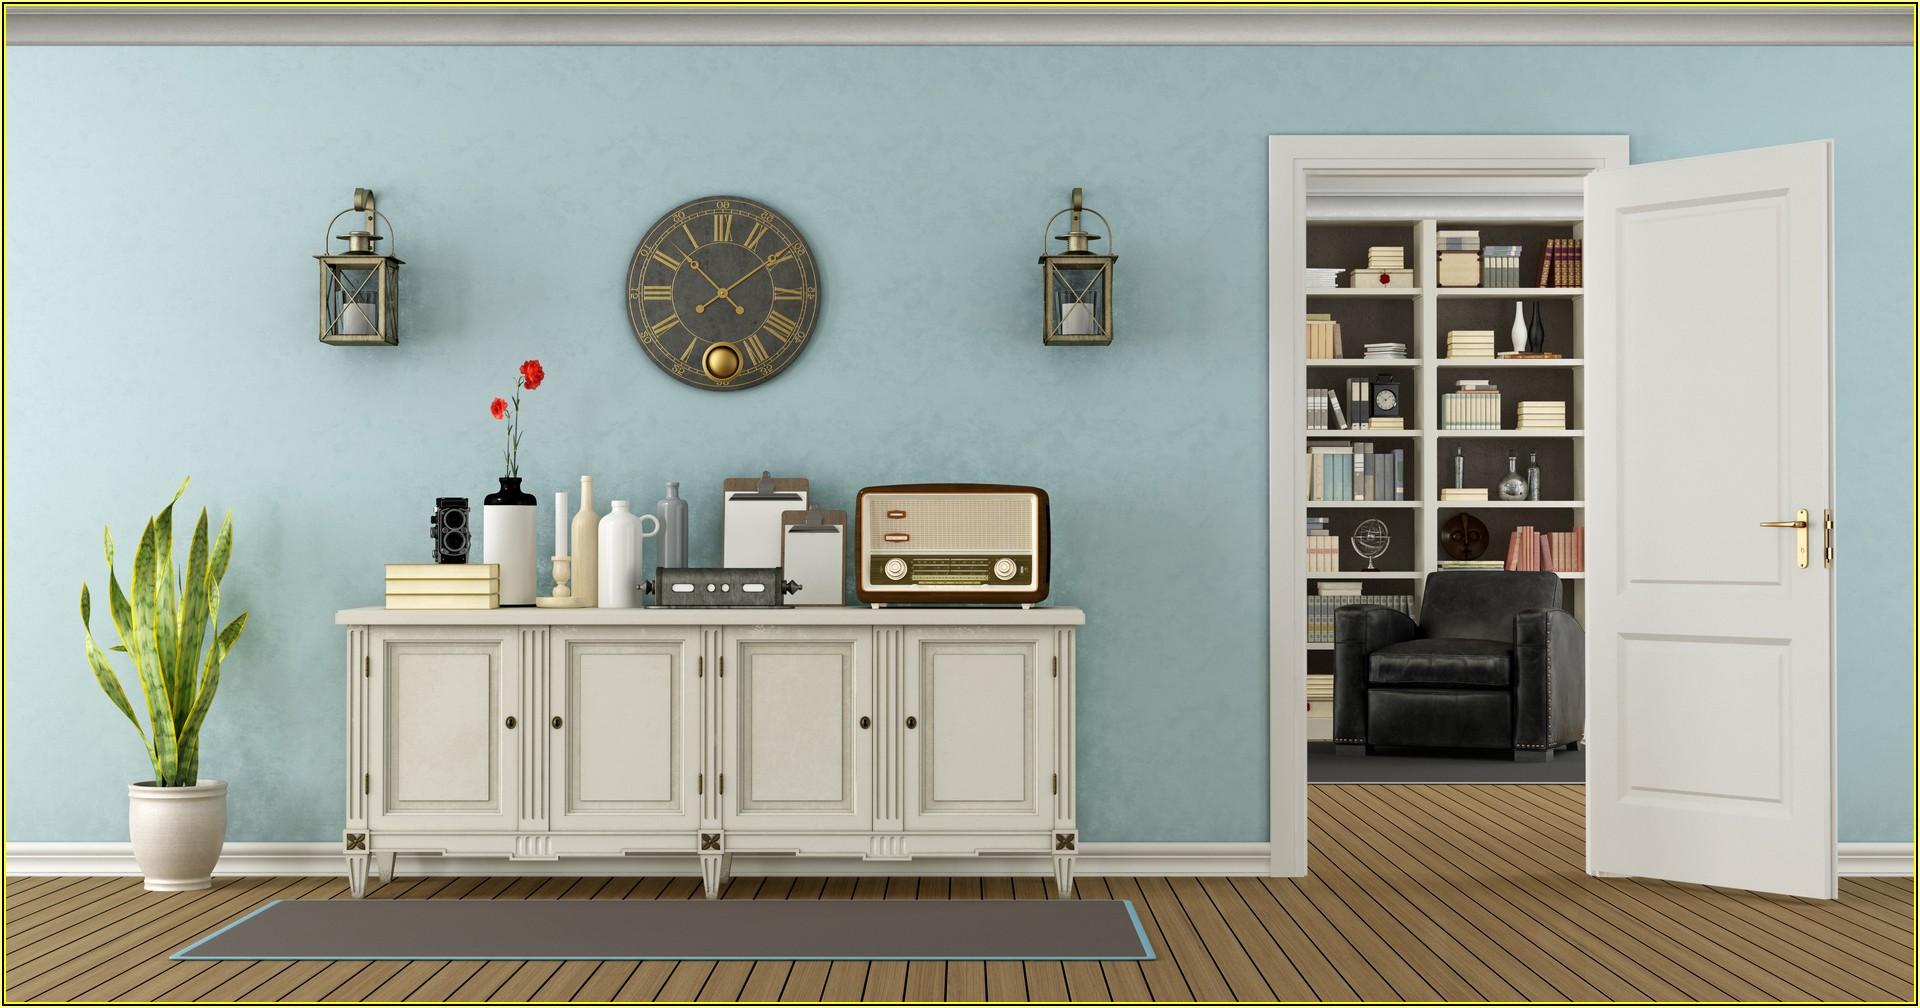 Schöner Wohnen Kinderzimmer Wandfarben